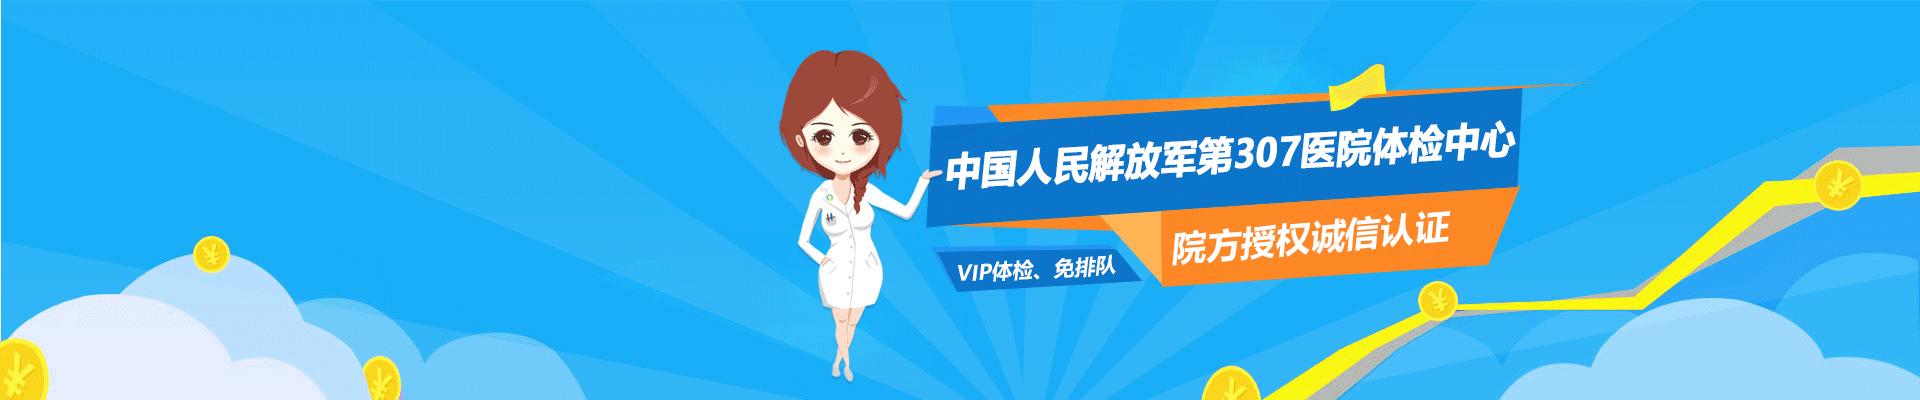 中国人民解放军第307医院体检中心院方授权诚信认证